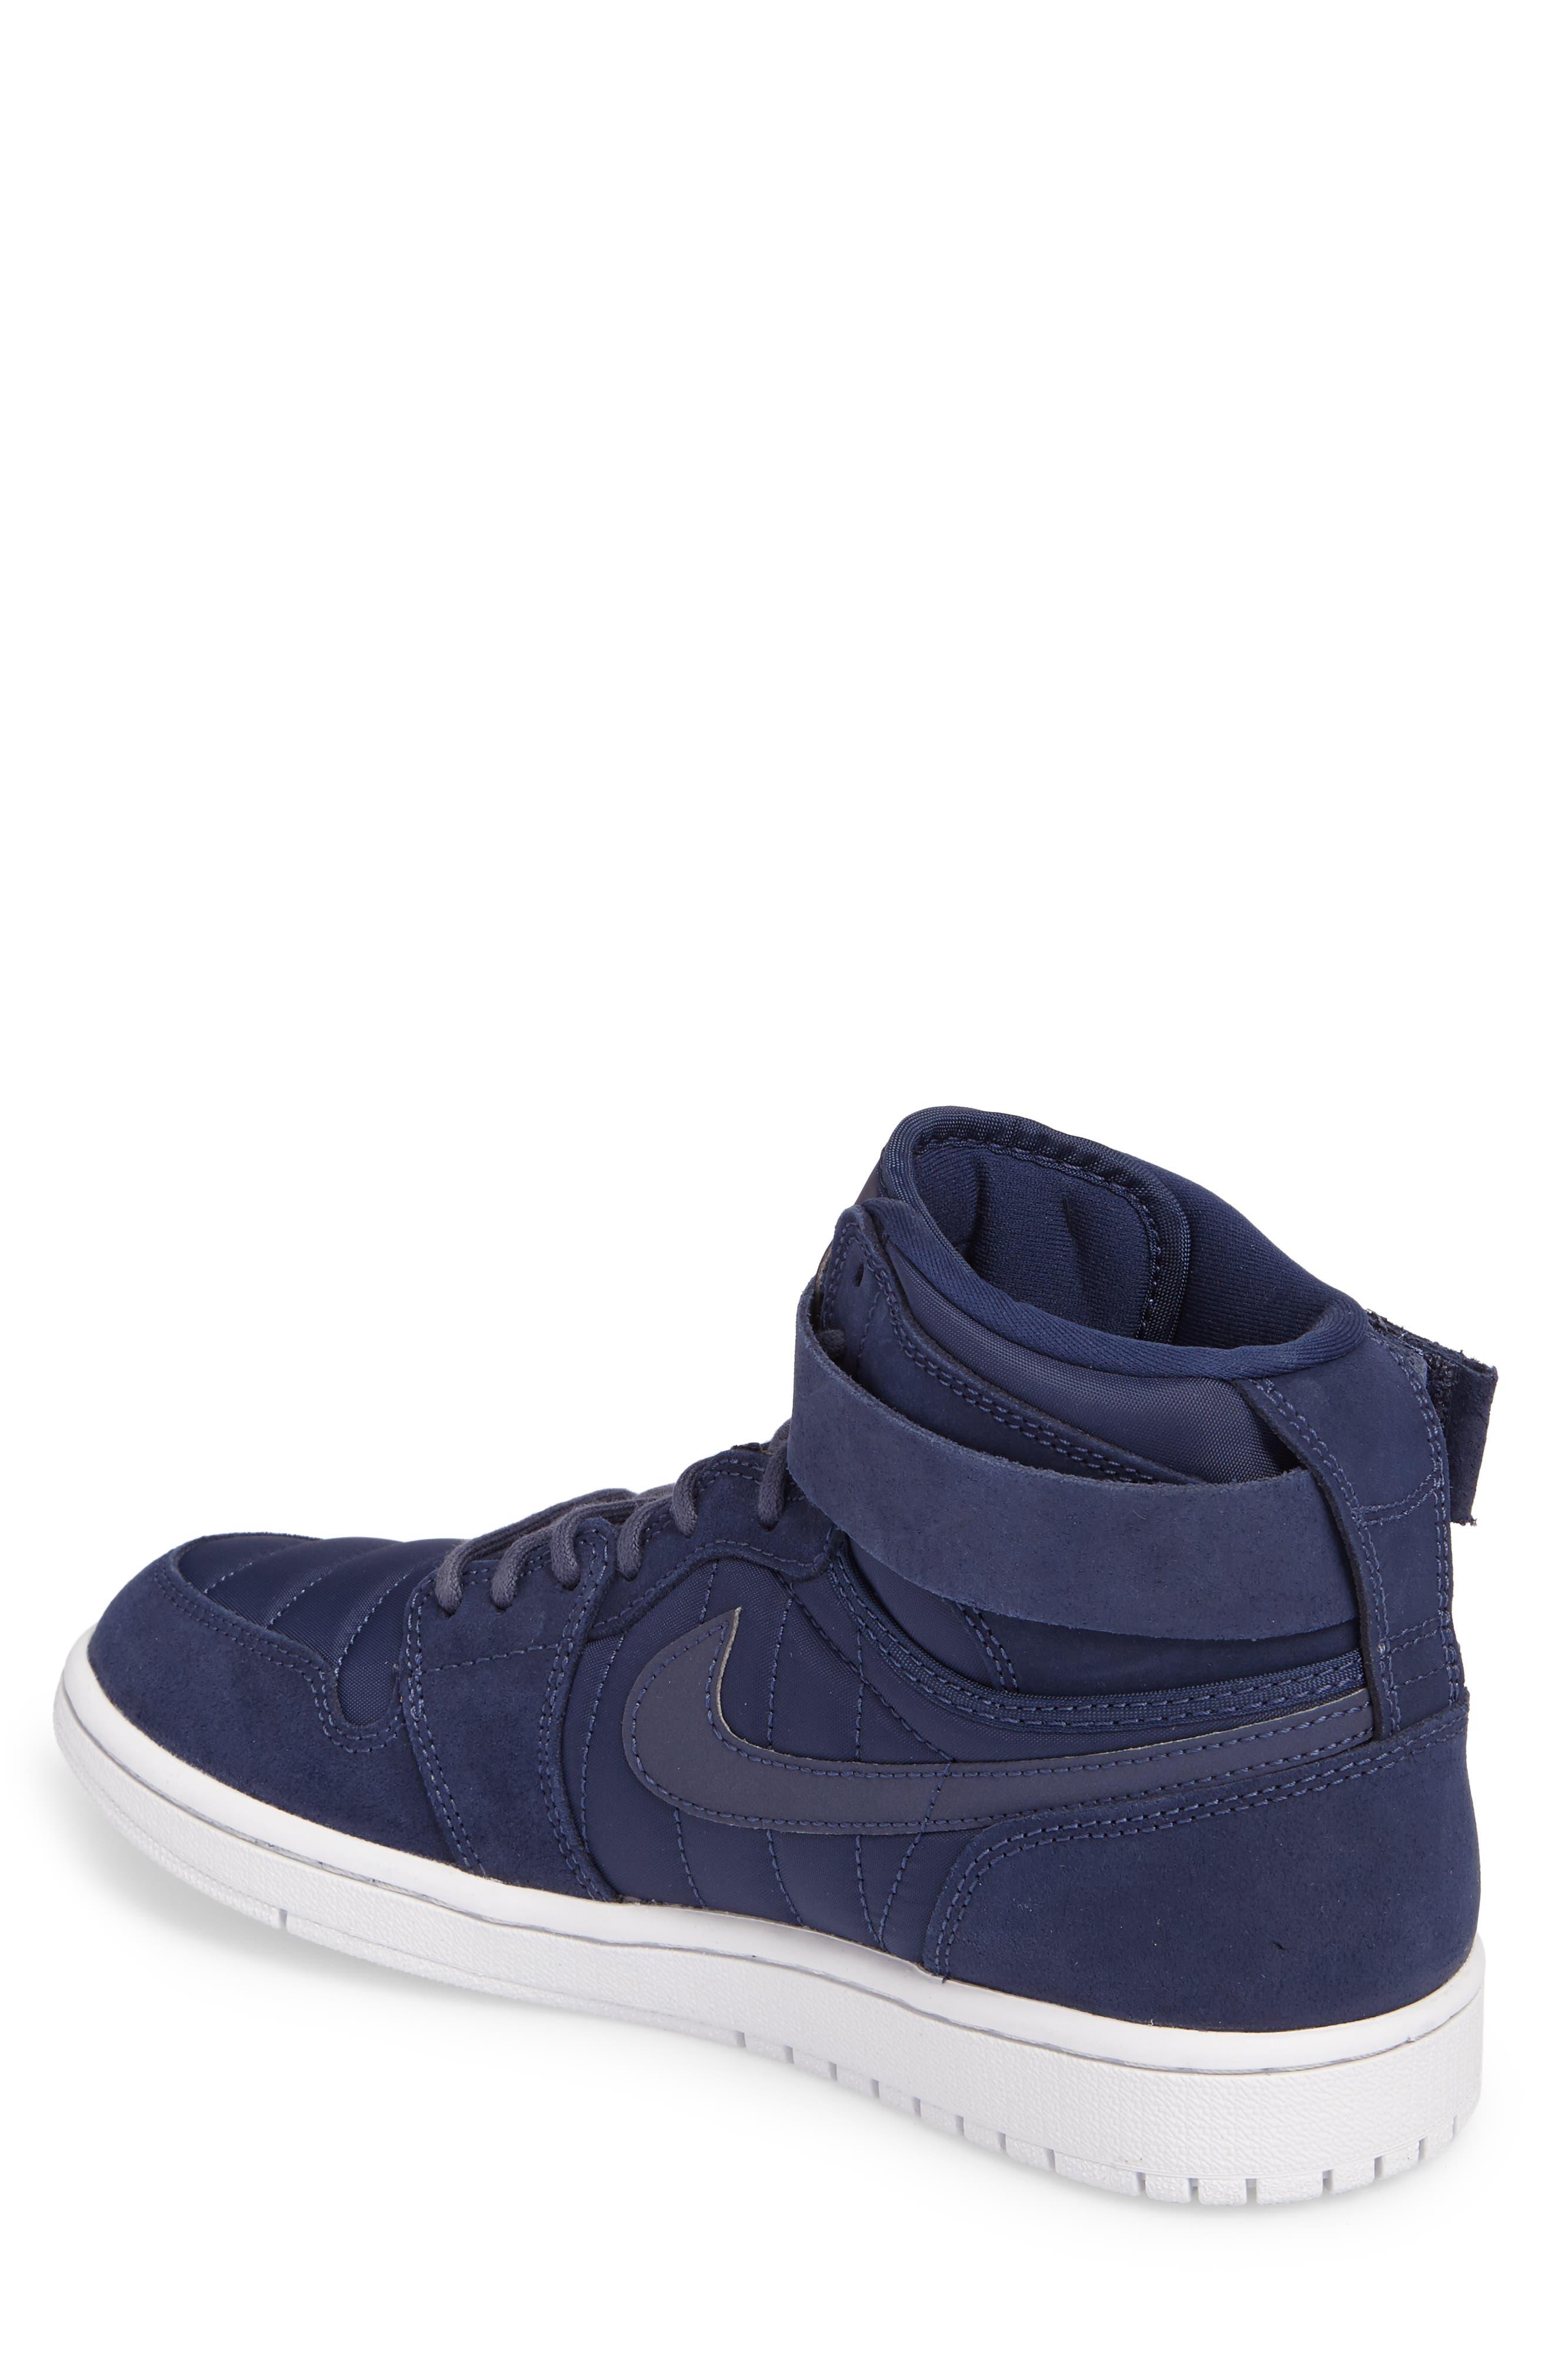 Alternate Image 2  - Nike Air Jordan 1 Sneaker (Men)